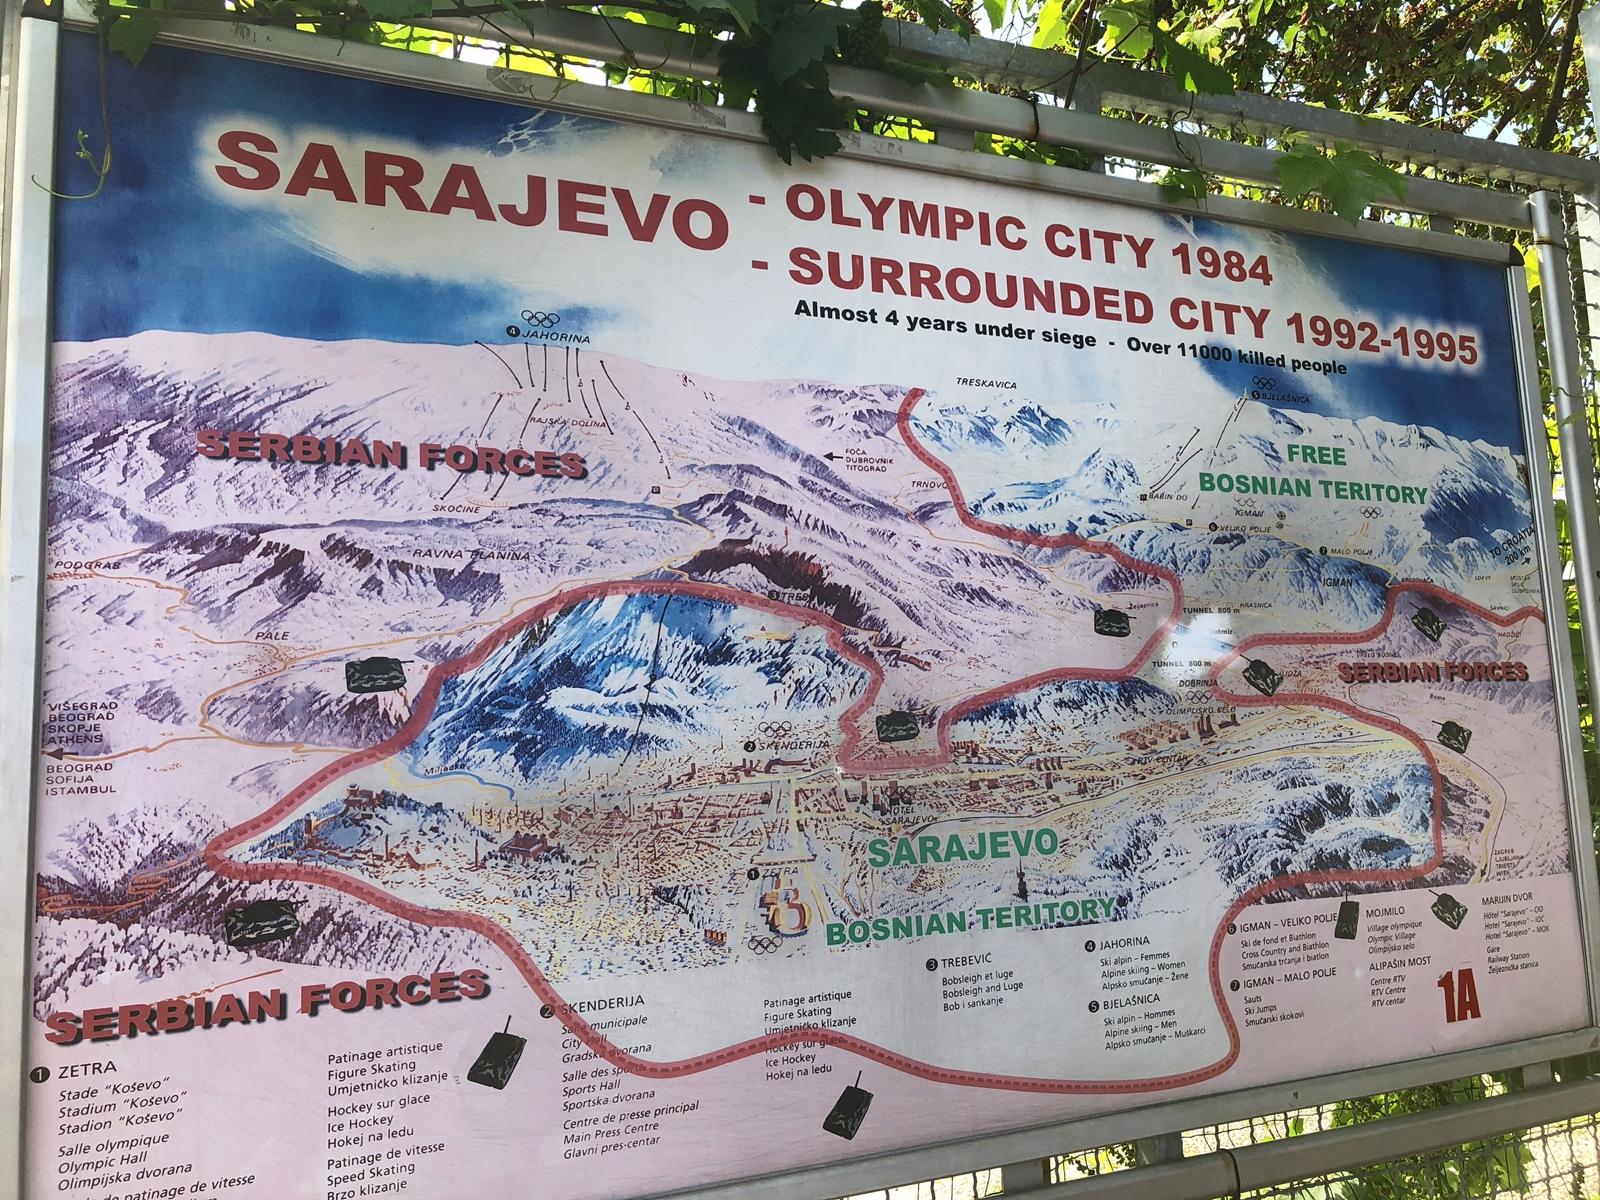 Sarajevo, capitale olympique des JO d'hiver... c'était le bon temps... /crédit photo JDL